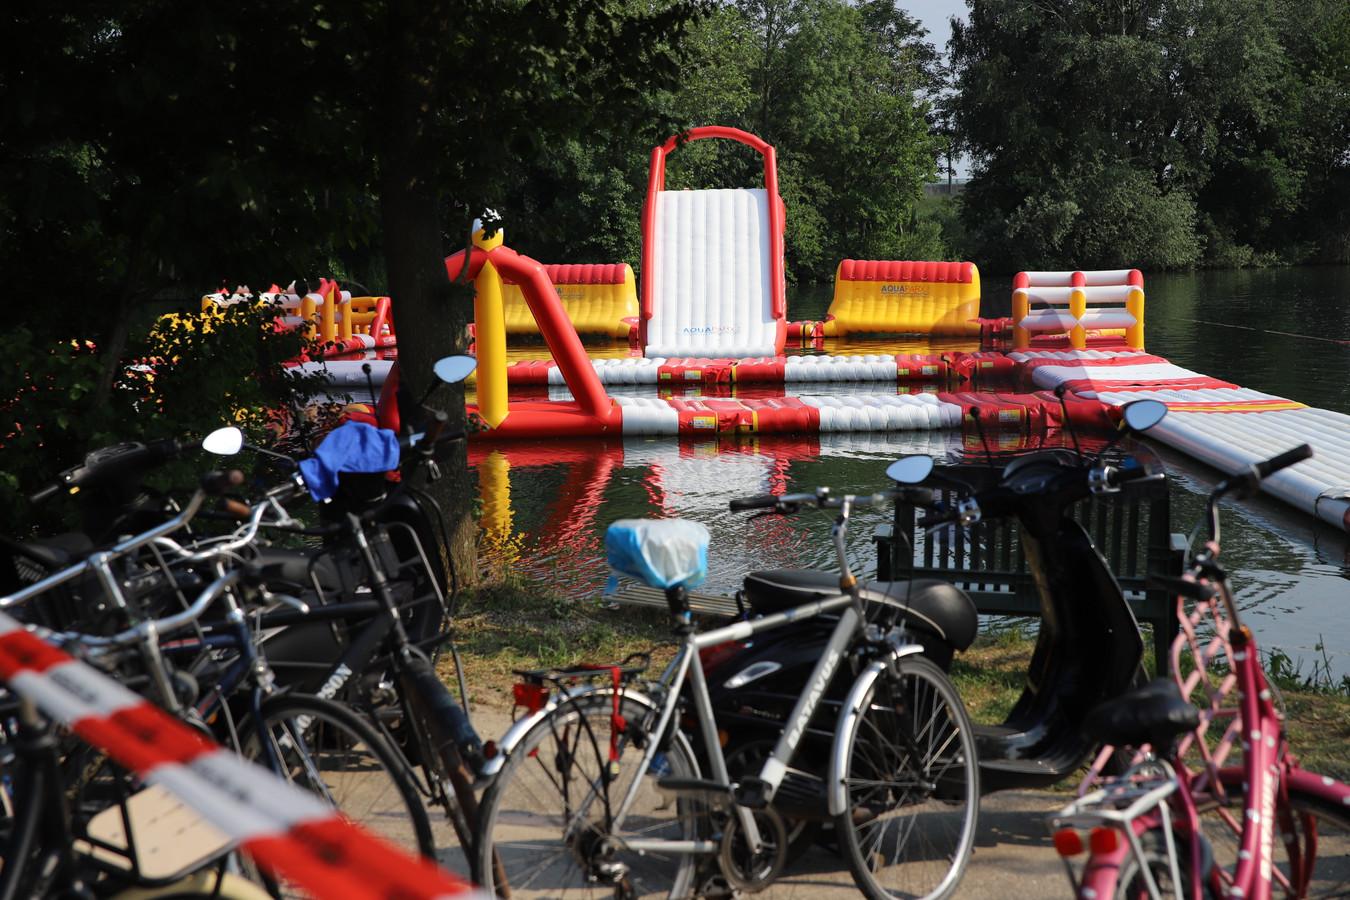 De recreatieplas op de camping in Kapel Avezaath is afgezet na het incident waarbij een kind mogelijk zwaargewond is geraakt.